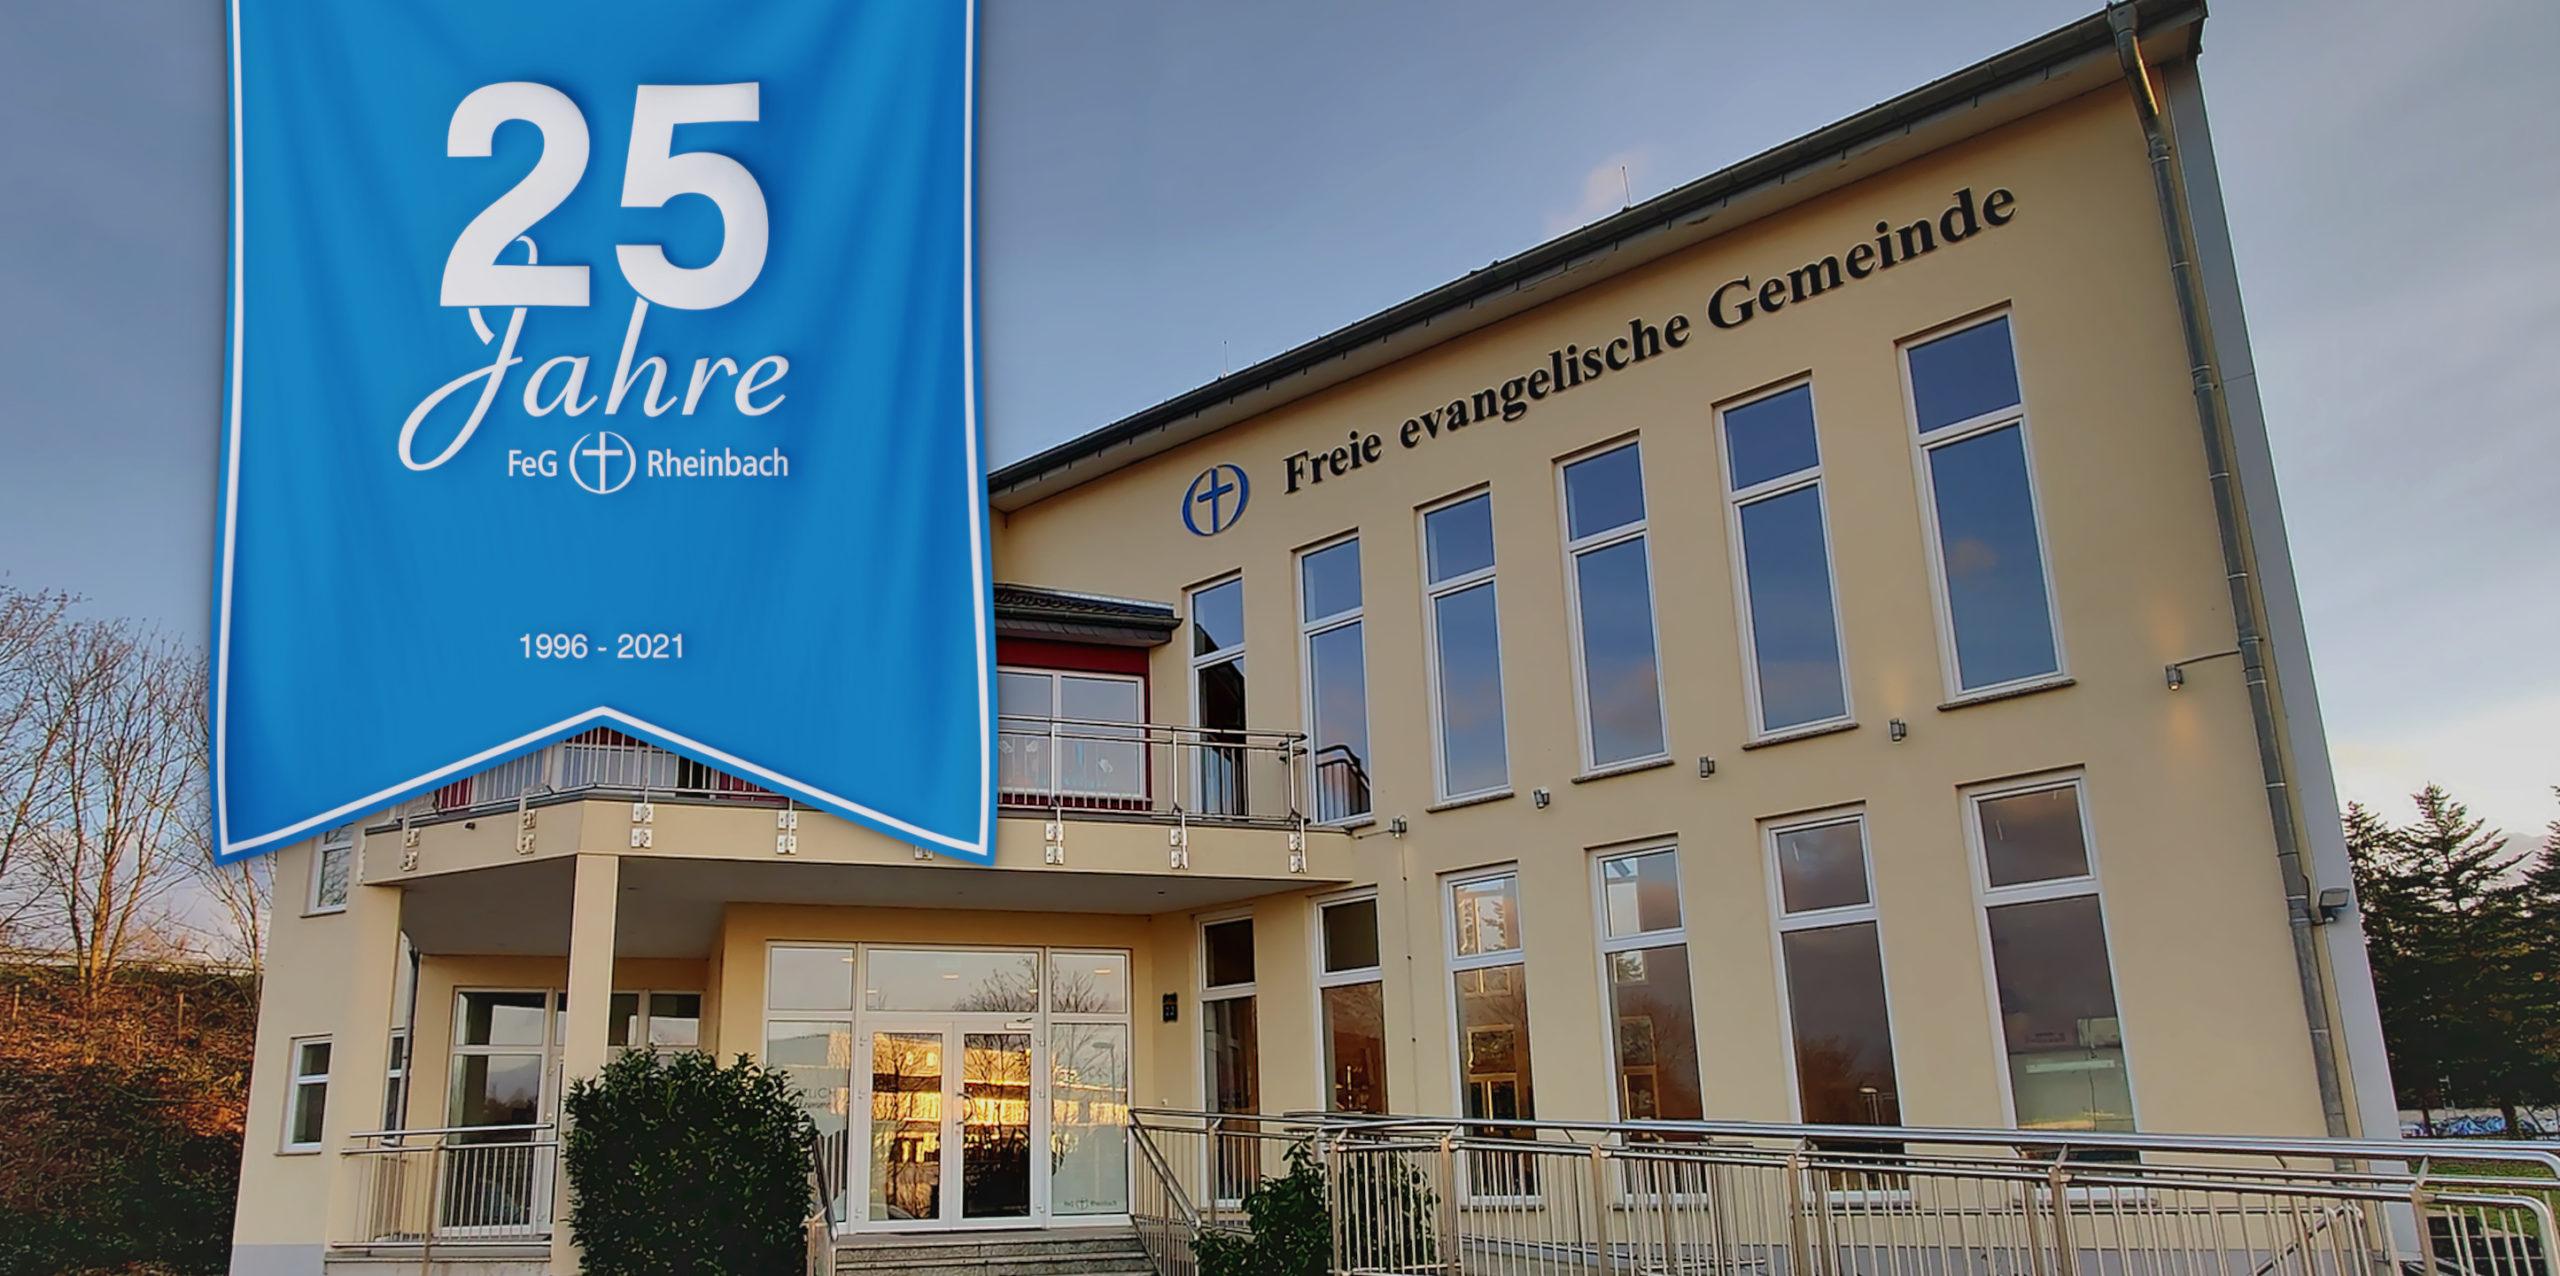 25 Jahre FeG Rheinbach